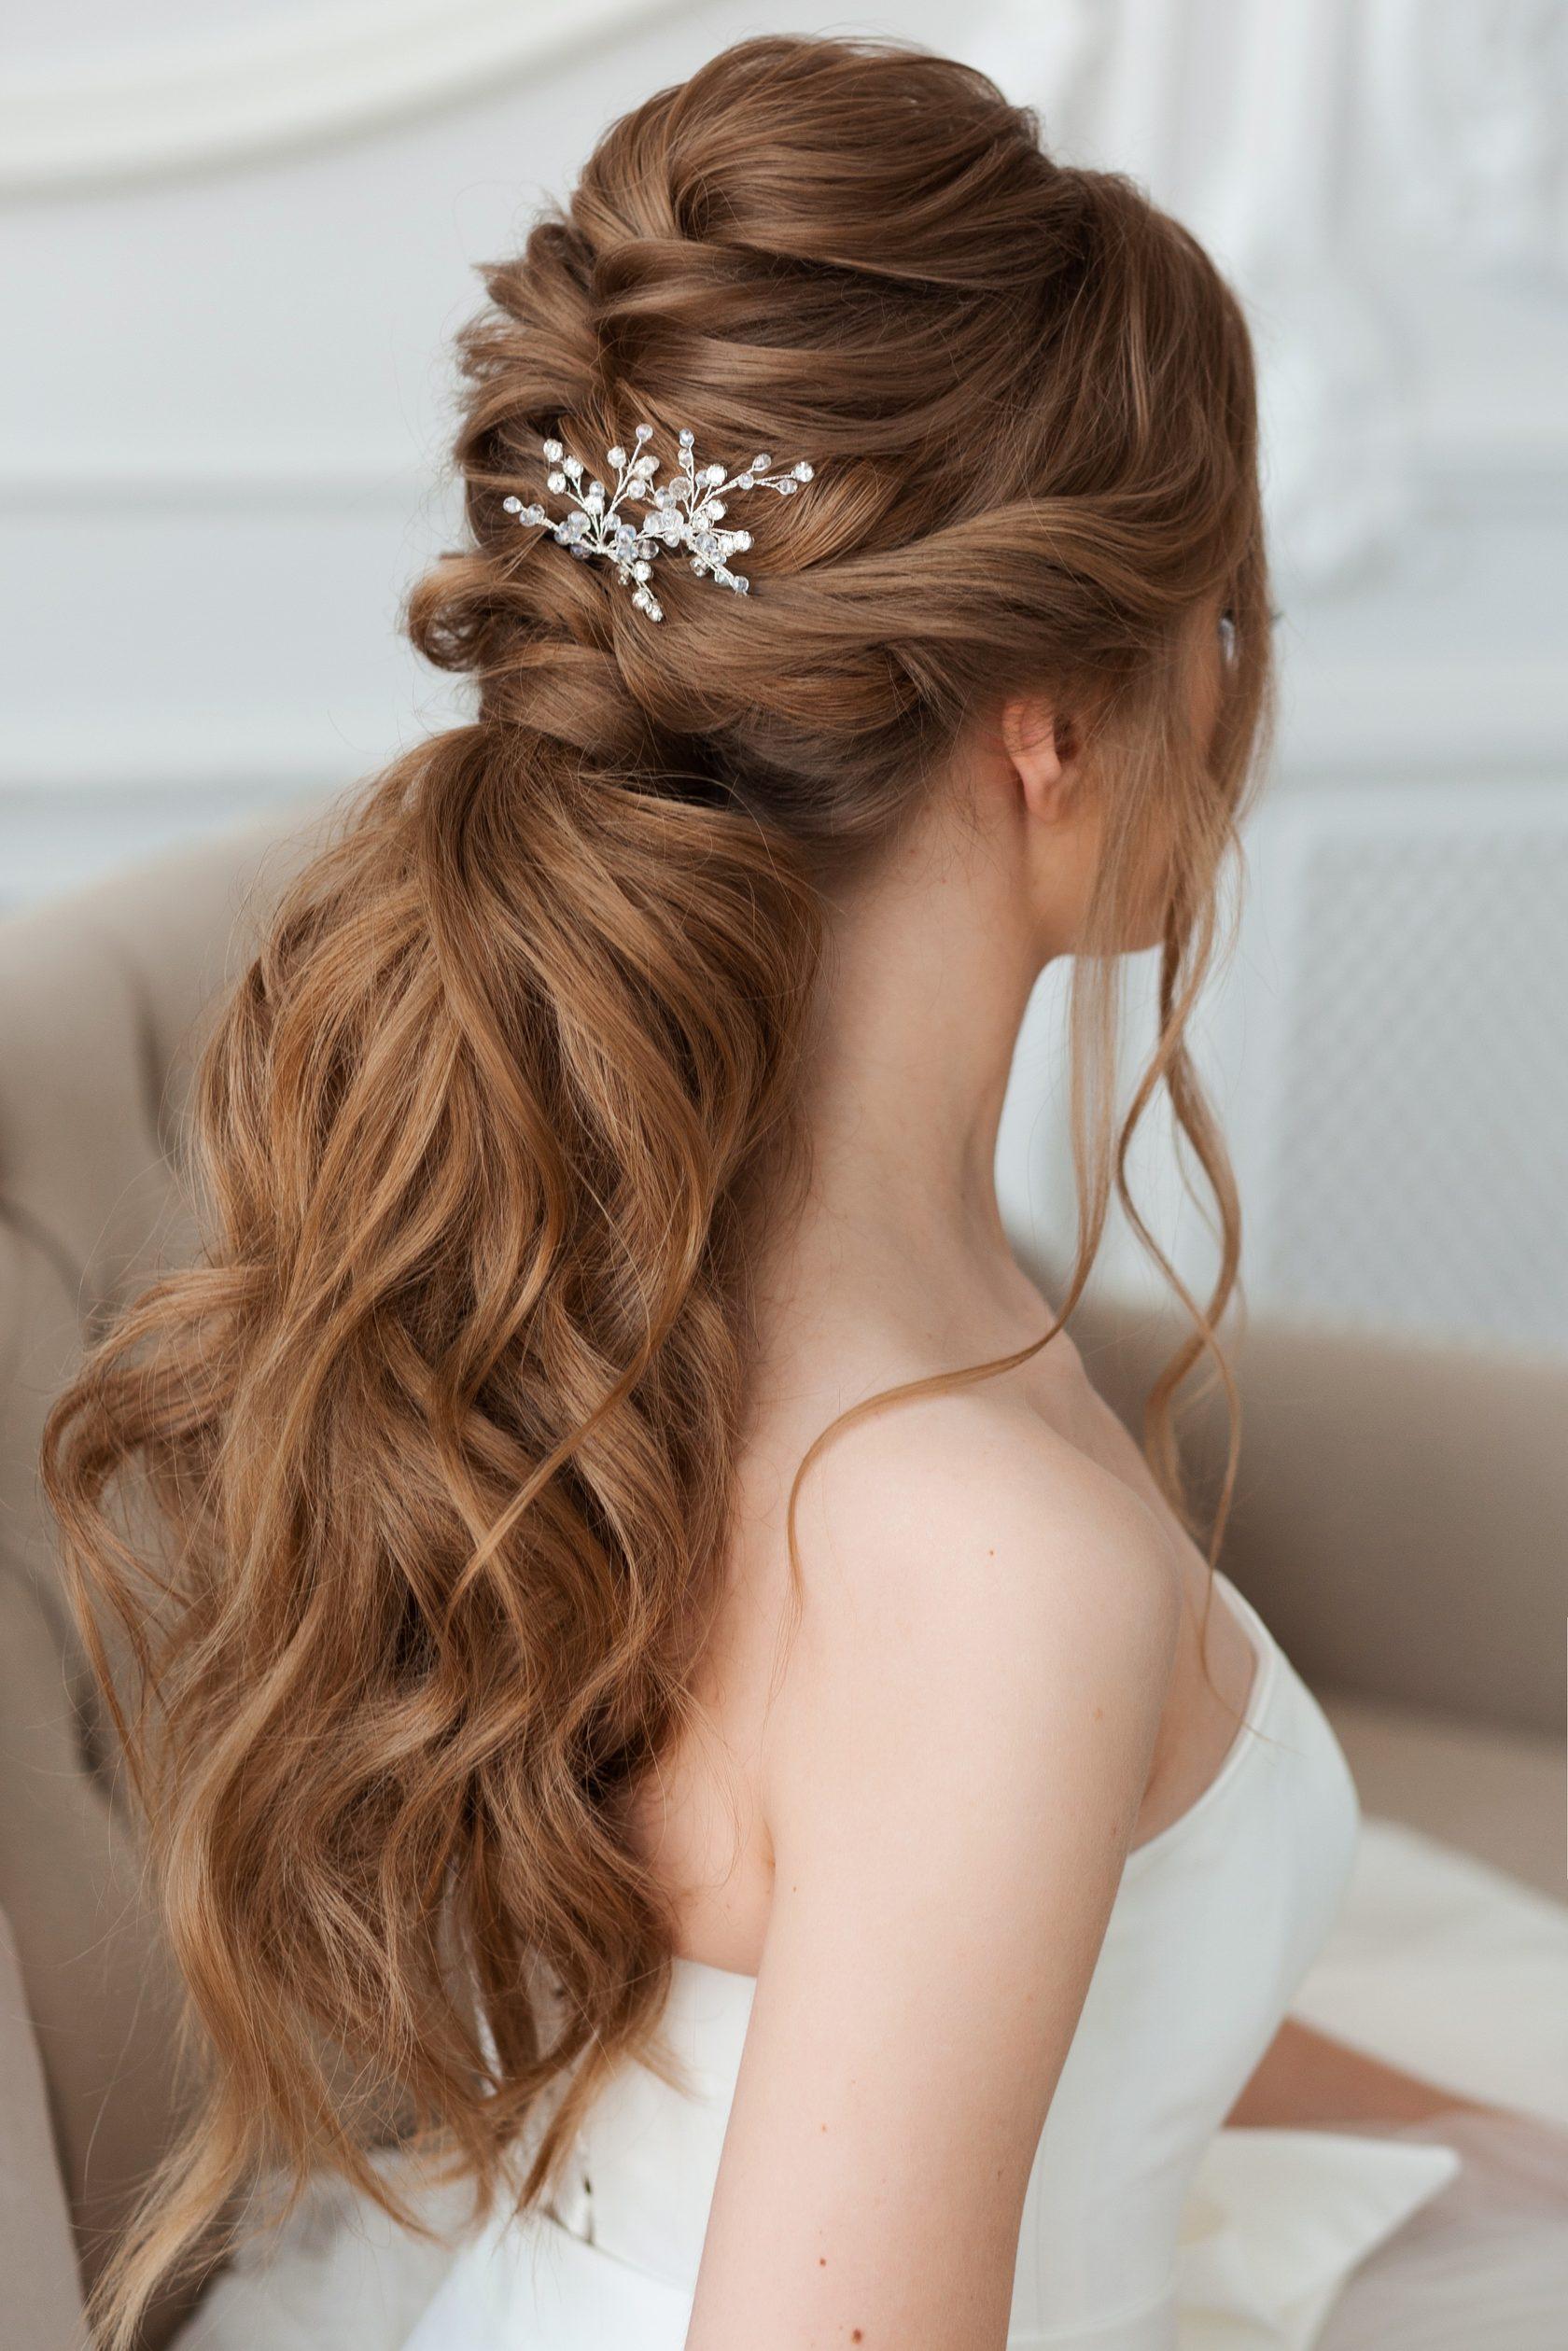 Коса, обрамляющая челку, очень подойдет девушкам, которые хотят создать образ стильной невесты.